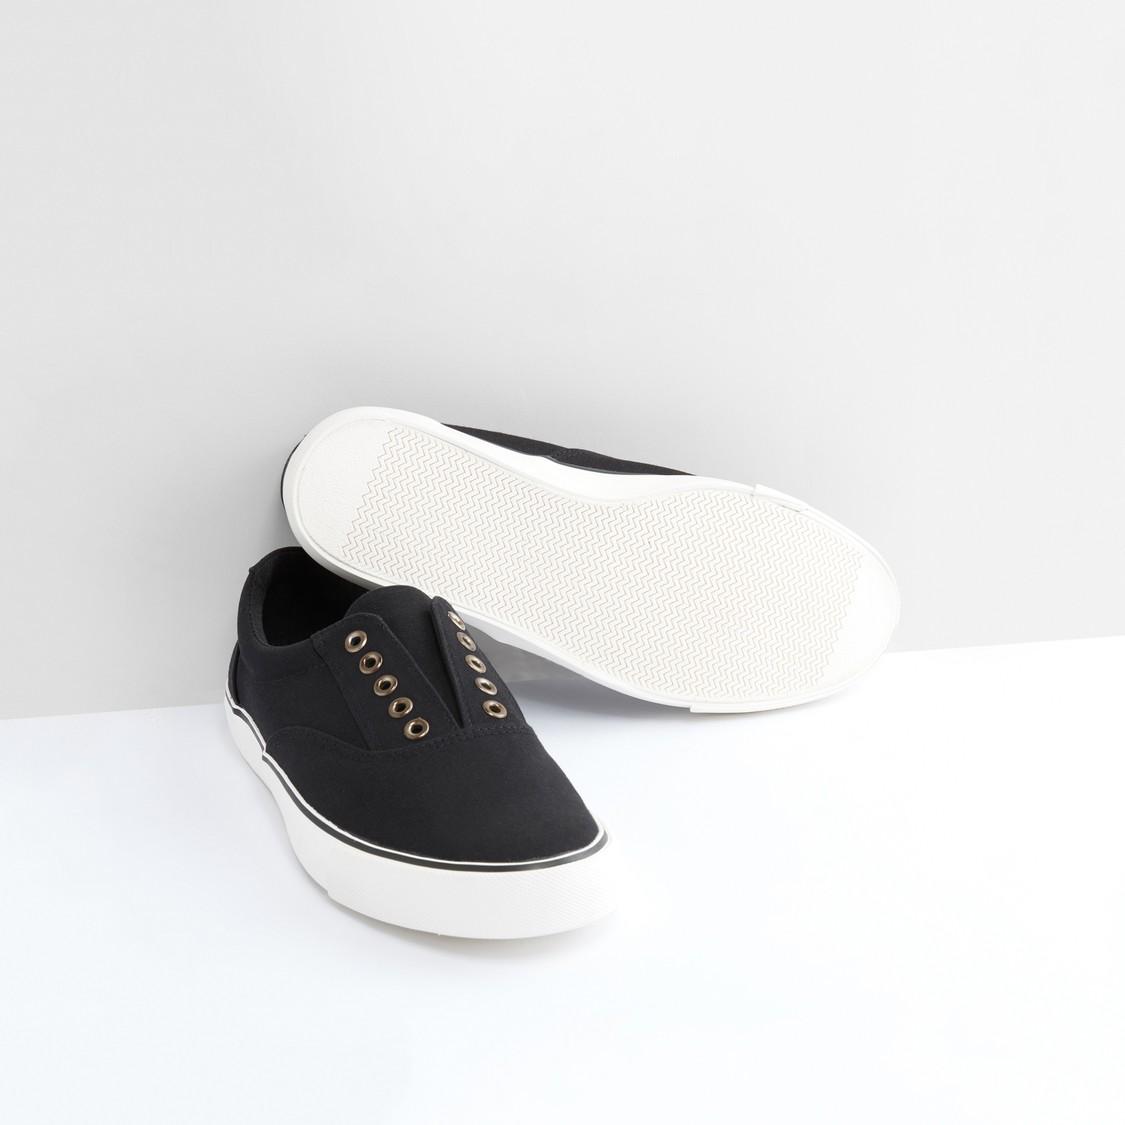 حذاء سهل الارتداء بخياطة بارزة وحلقات